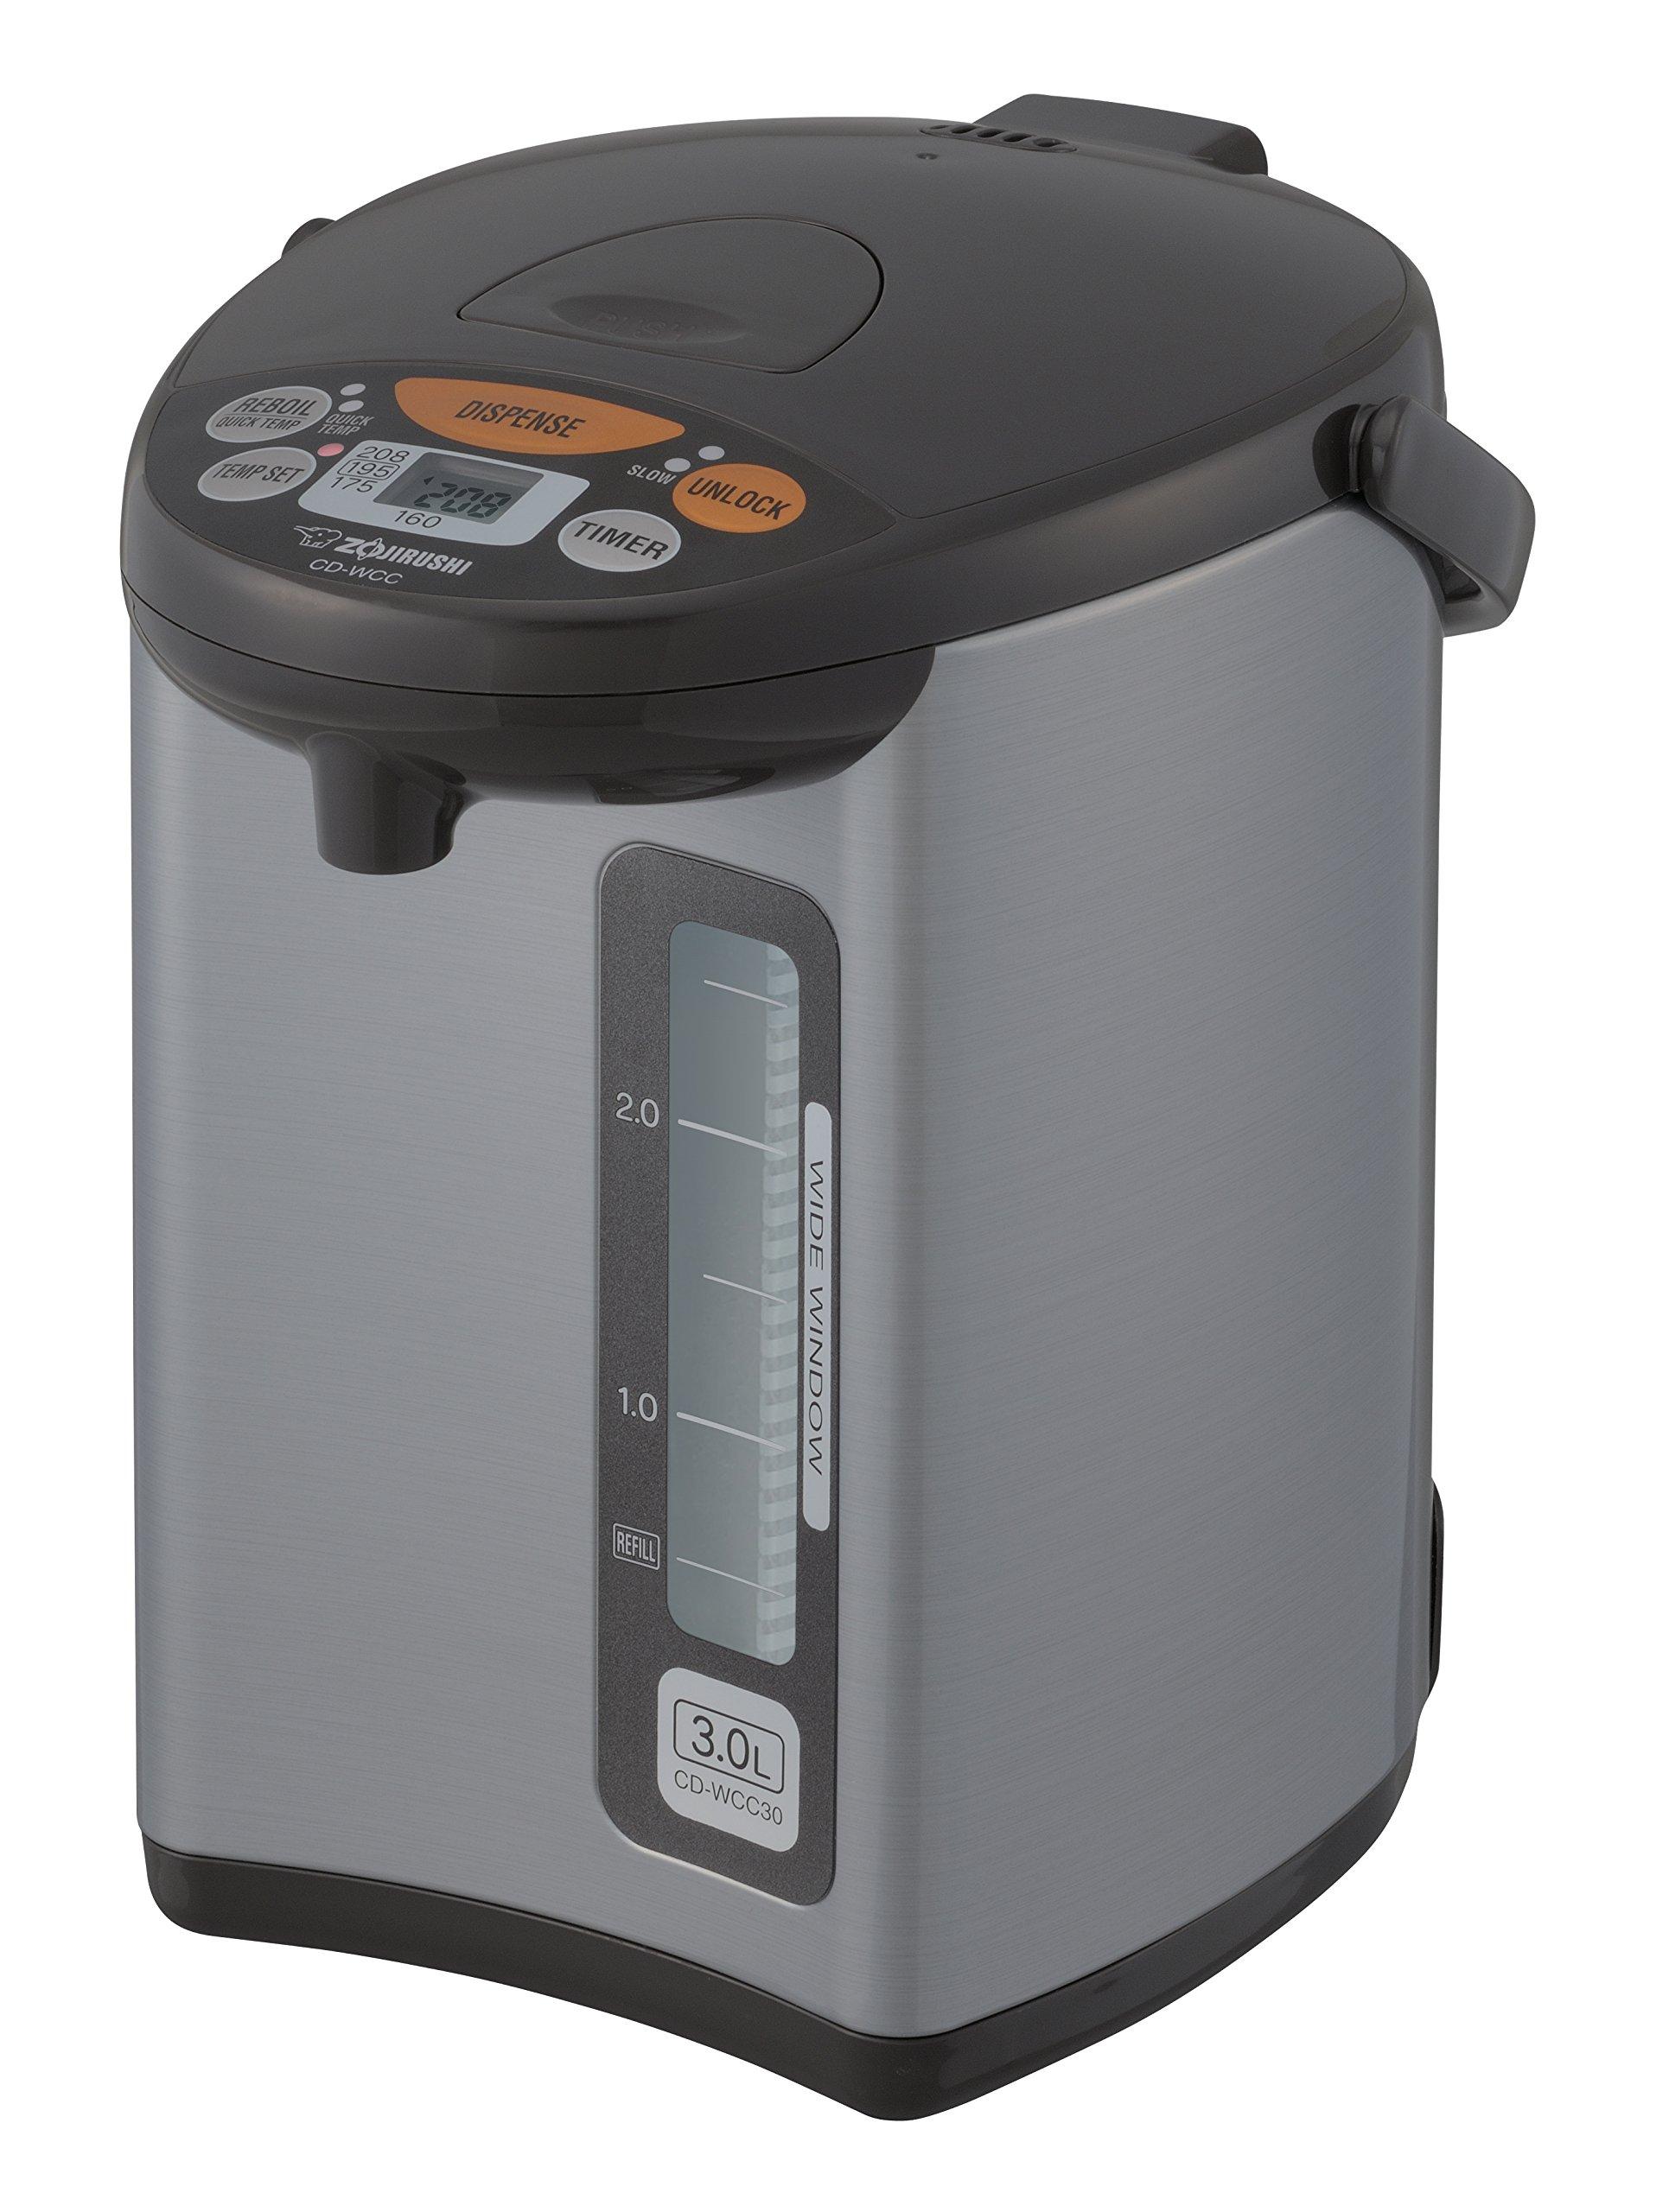 Zojirushi CD-WCC30 Micom Water Boiler & Warmer, Silver by Zojirushi (Image #1)